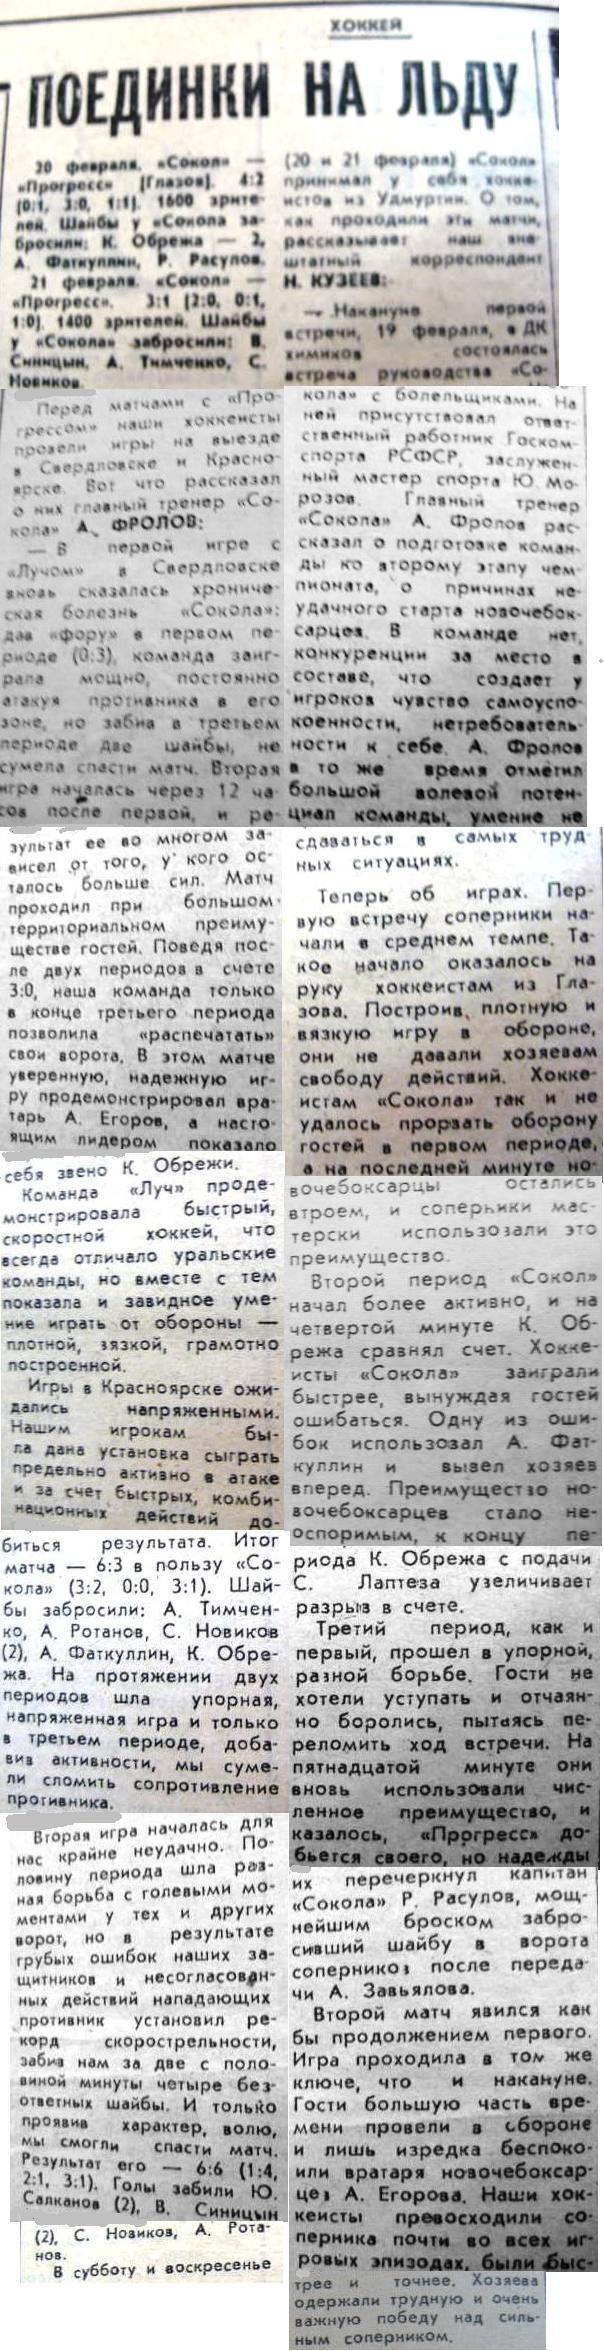 ПК 1988 02 20 Сокол Глазов.jpg